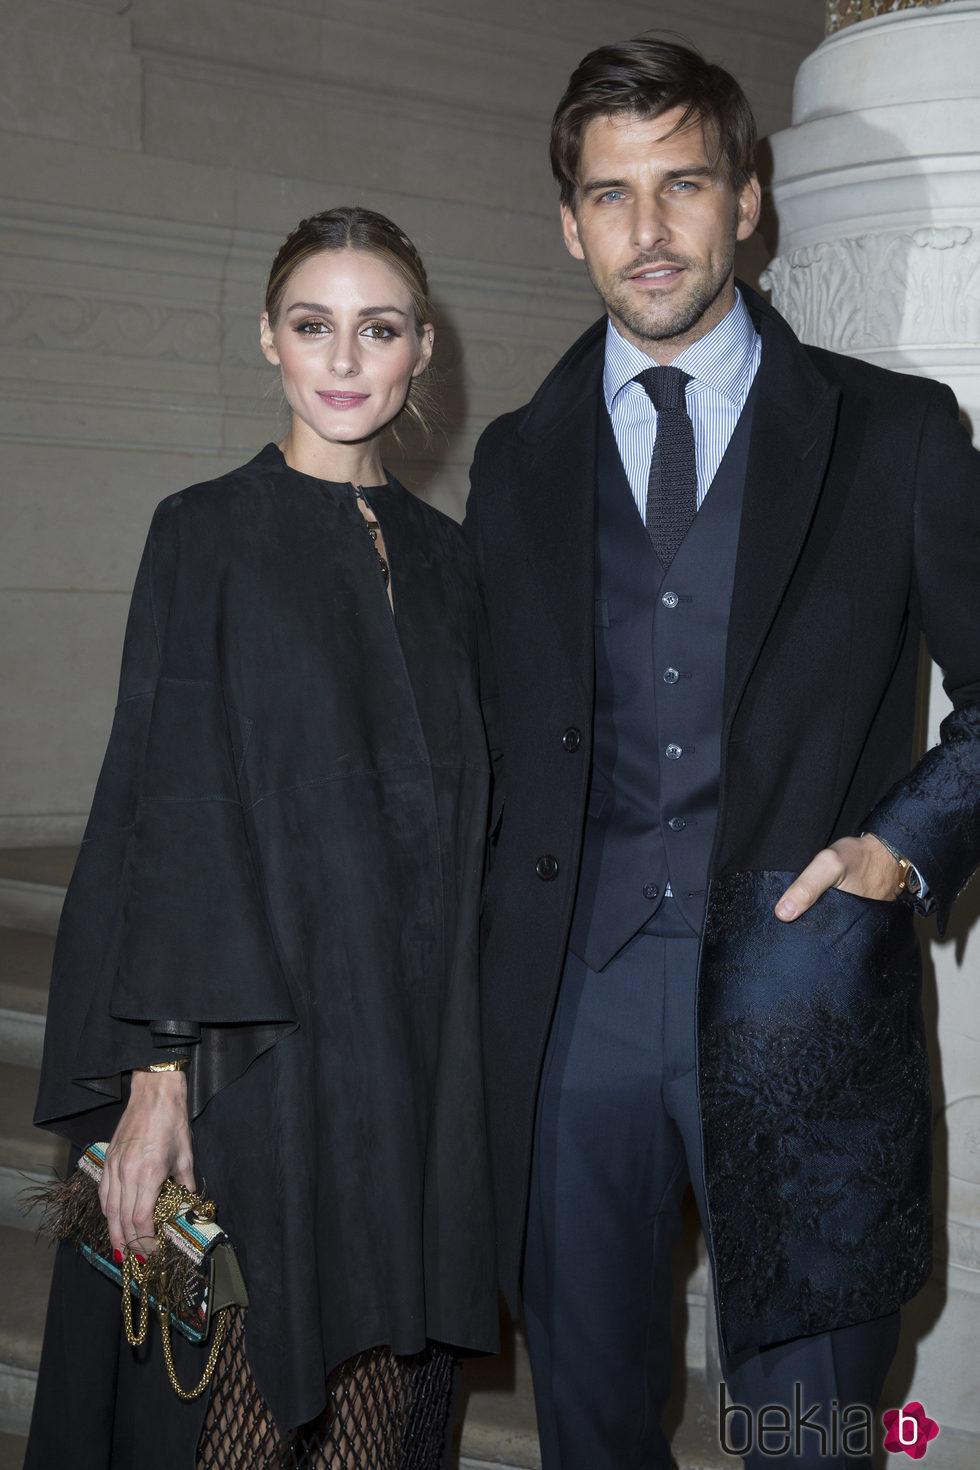 Olivia Palermo y Johannes Huebl en el desfile de Valentino en la Semana de la Alta Costura de París primavera/verano 2016